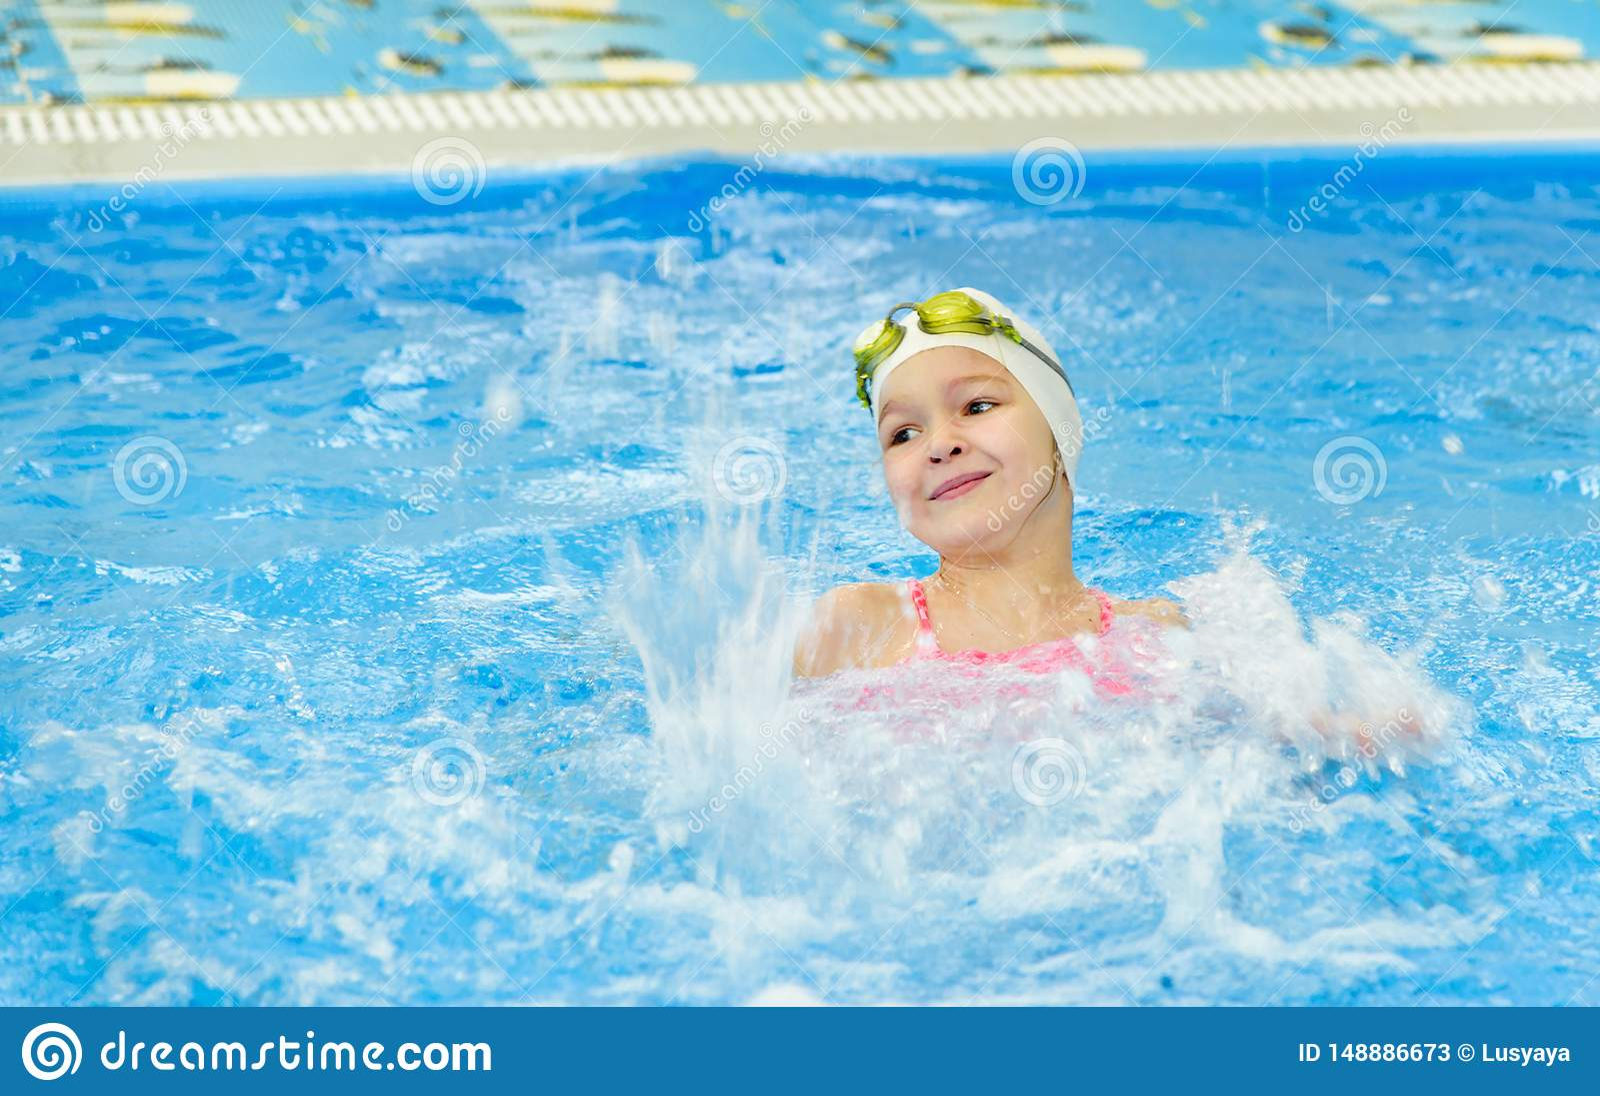 Ευτυχές μικρό κορίτσι που κολυμπά στη λίμνη Το καυκάσιο παιδί παίζει τη διασκέδαση στη λίμνη παιδικών σταθμών